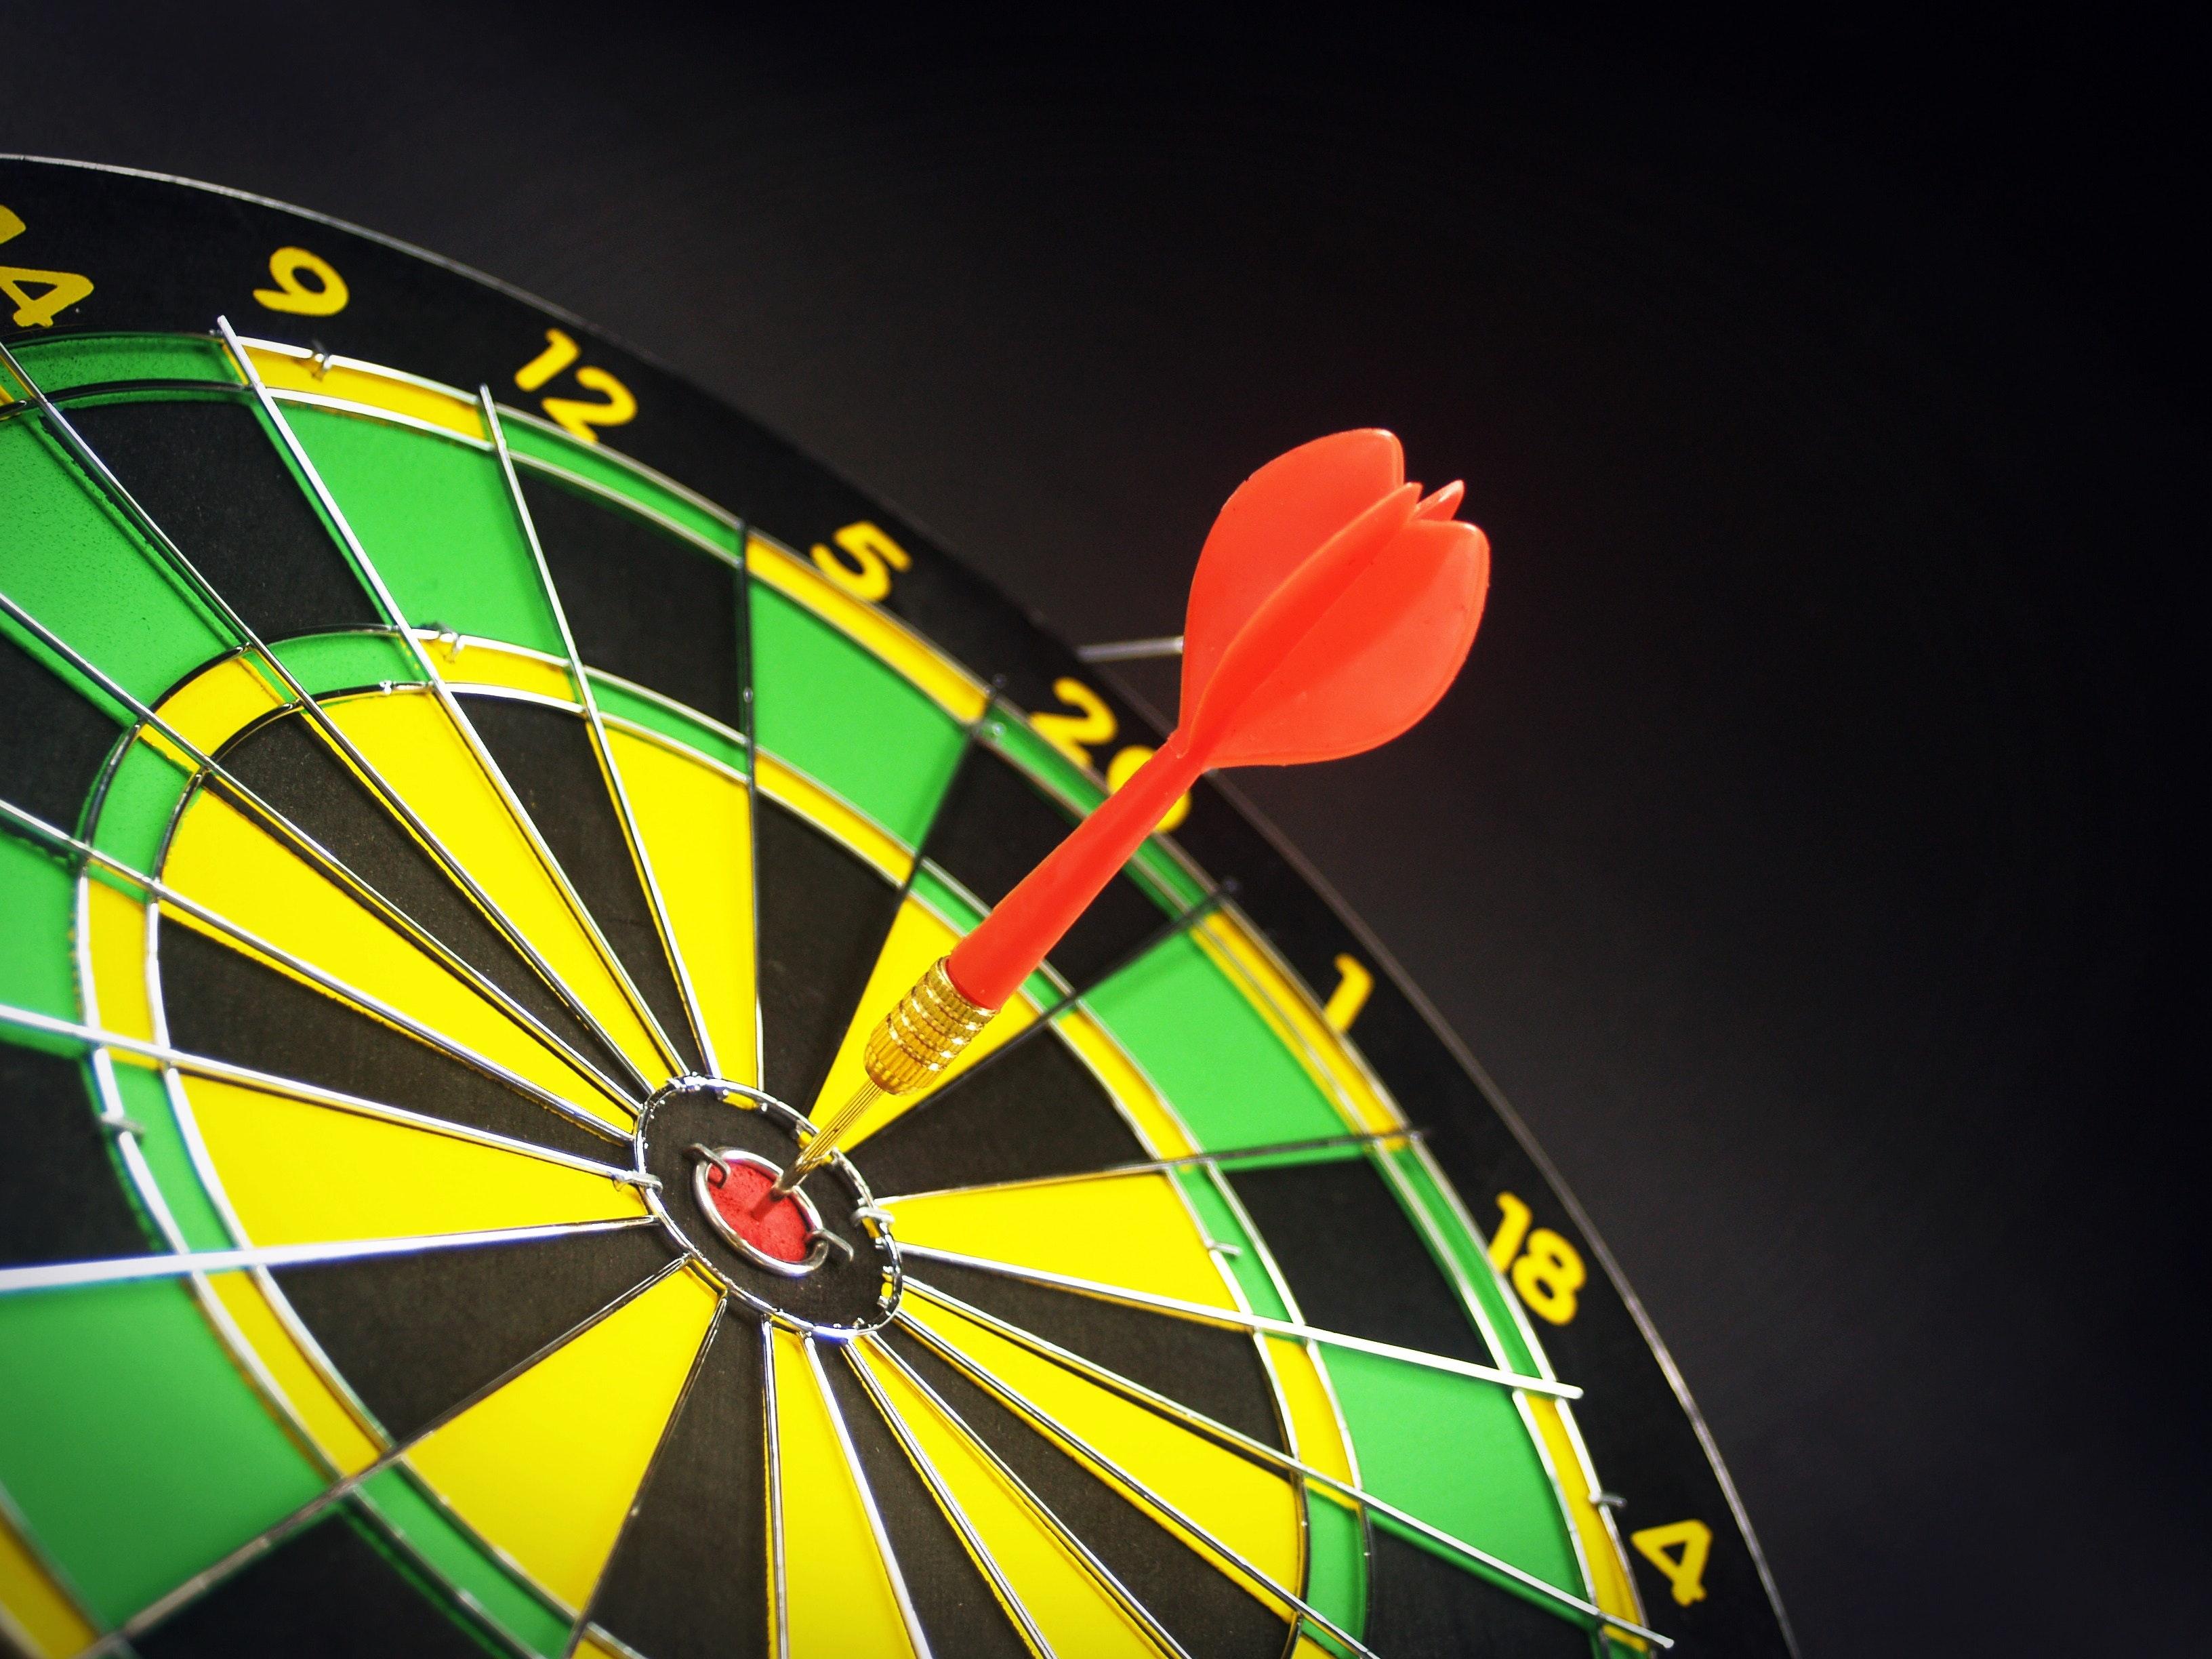 Bullseye!  Dart hitting the center of a dartboard